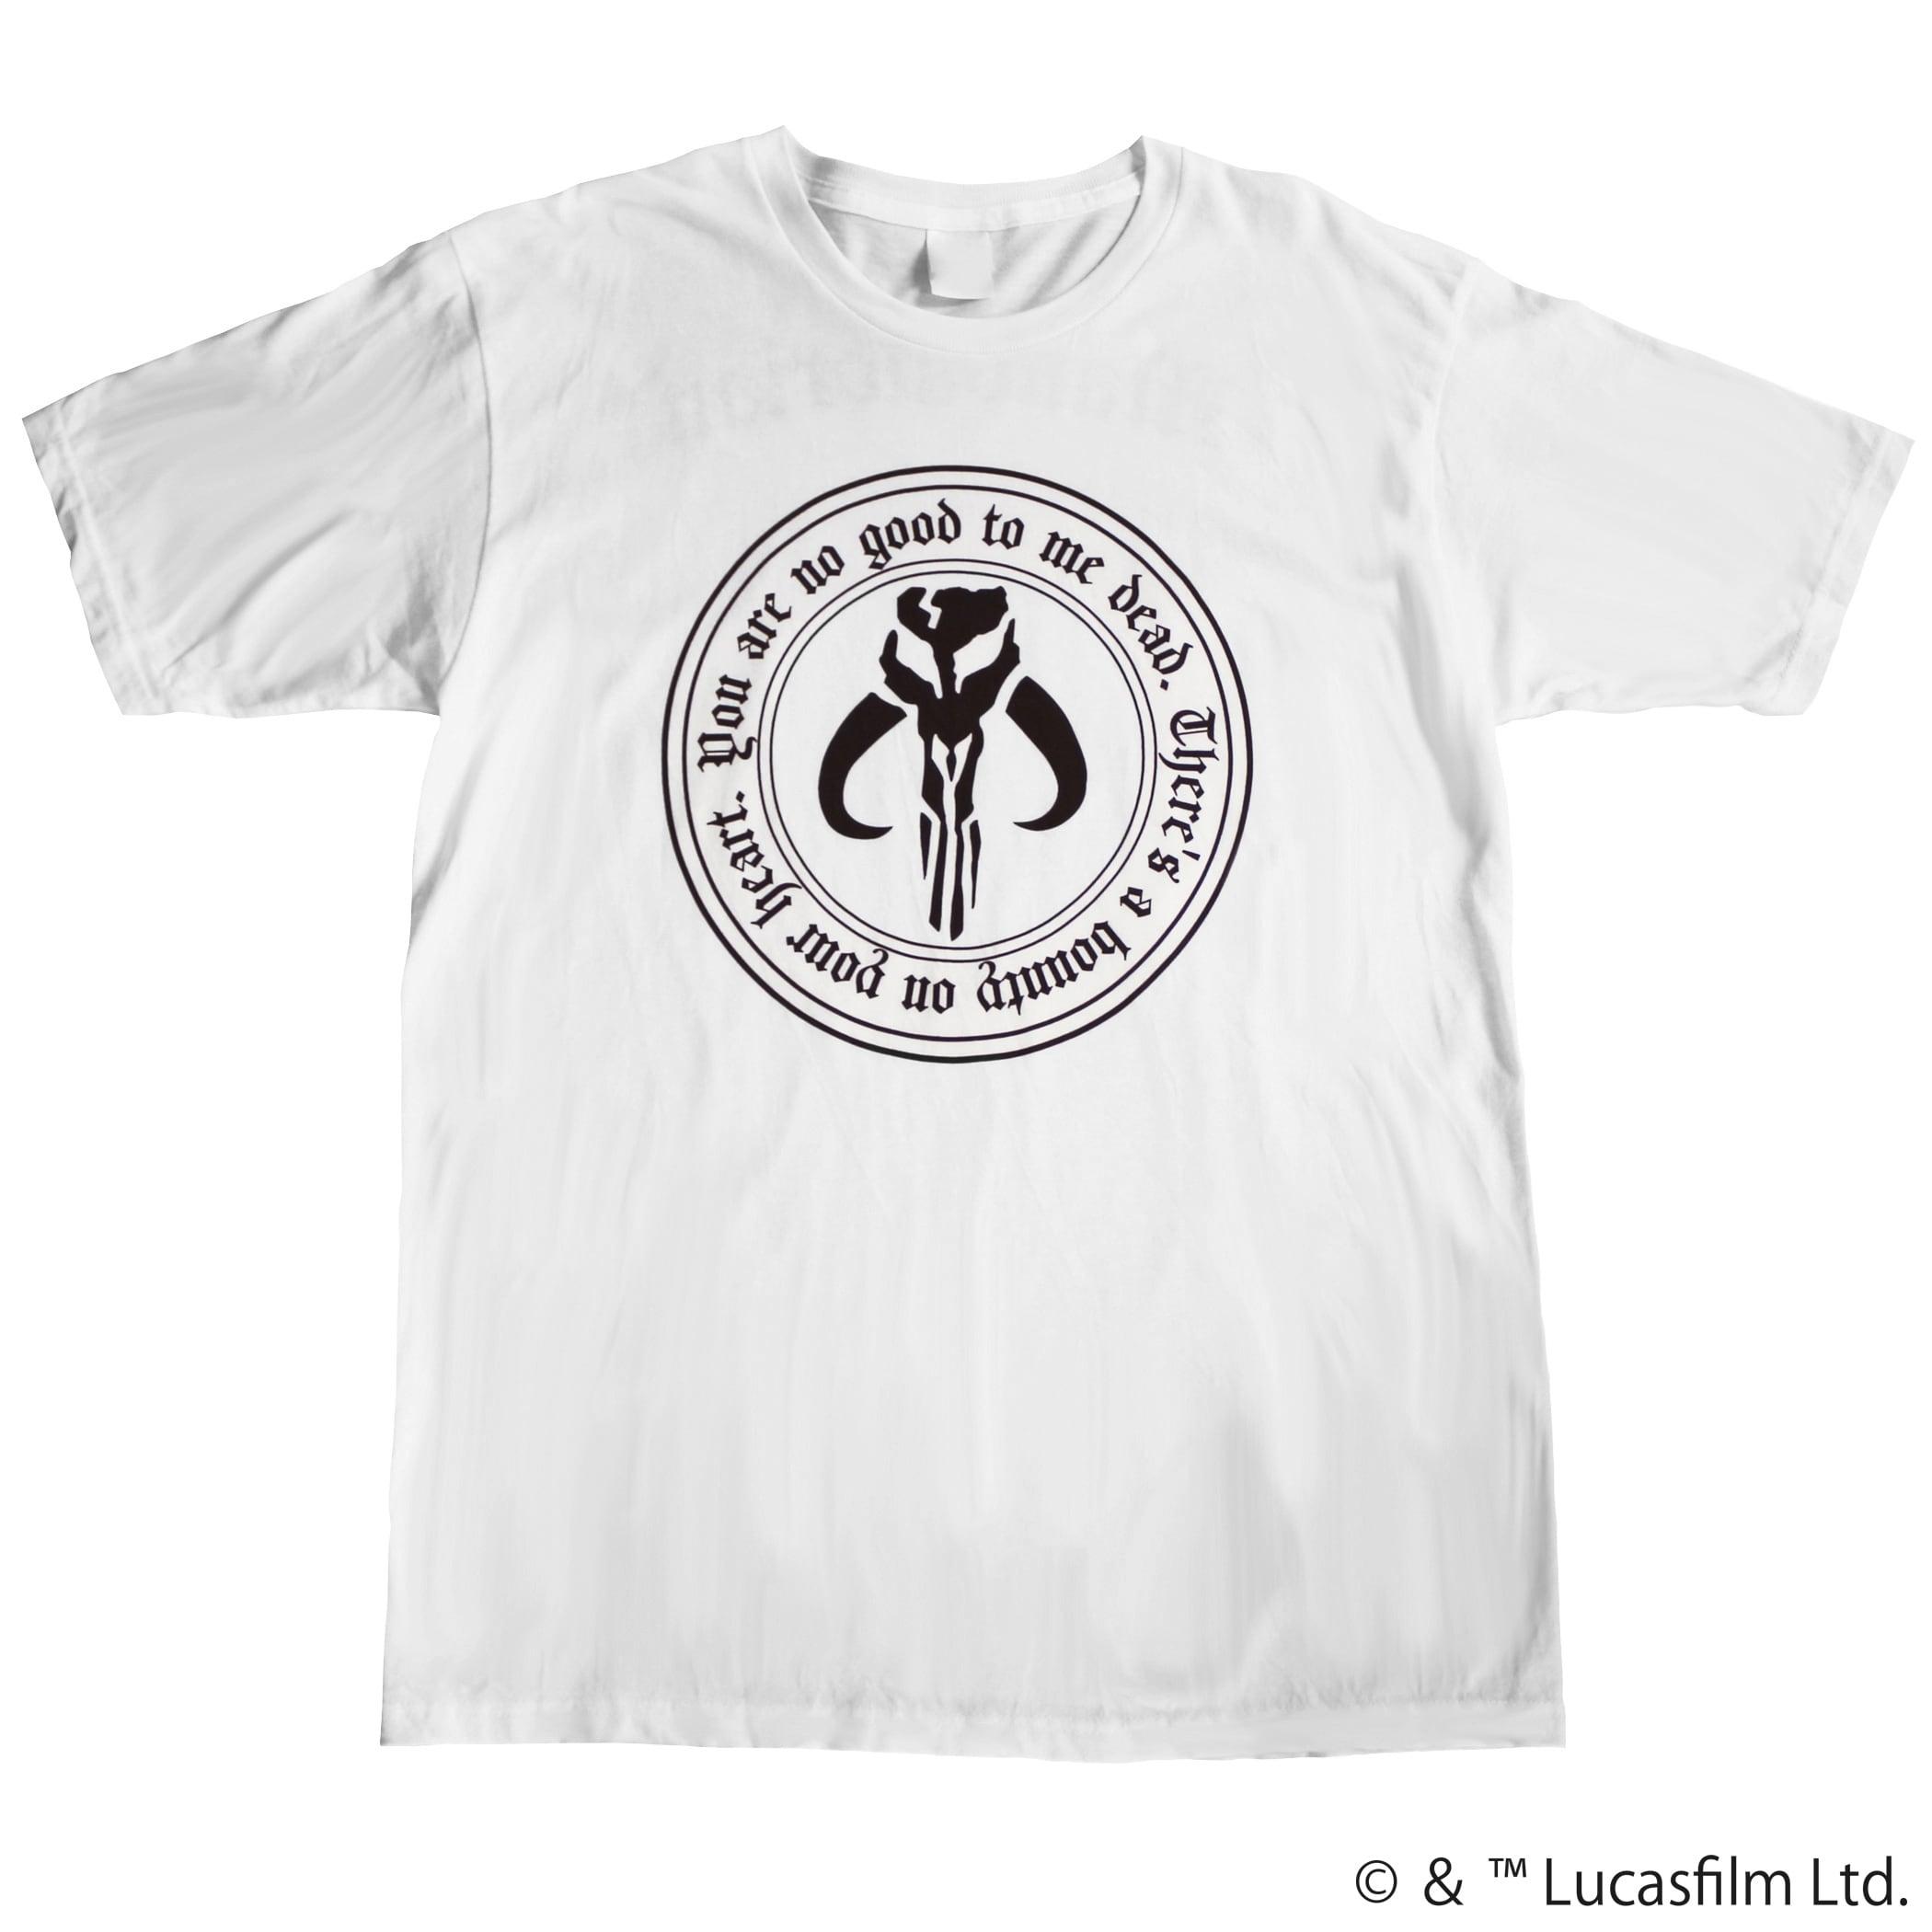 【スター・ウォーズ】マンダロリアン 両面プリントTシャツ